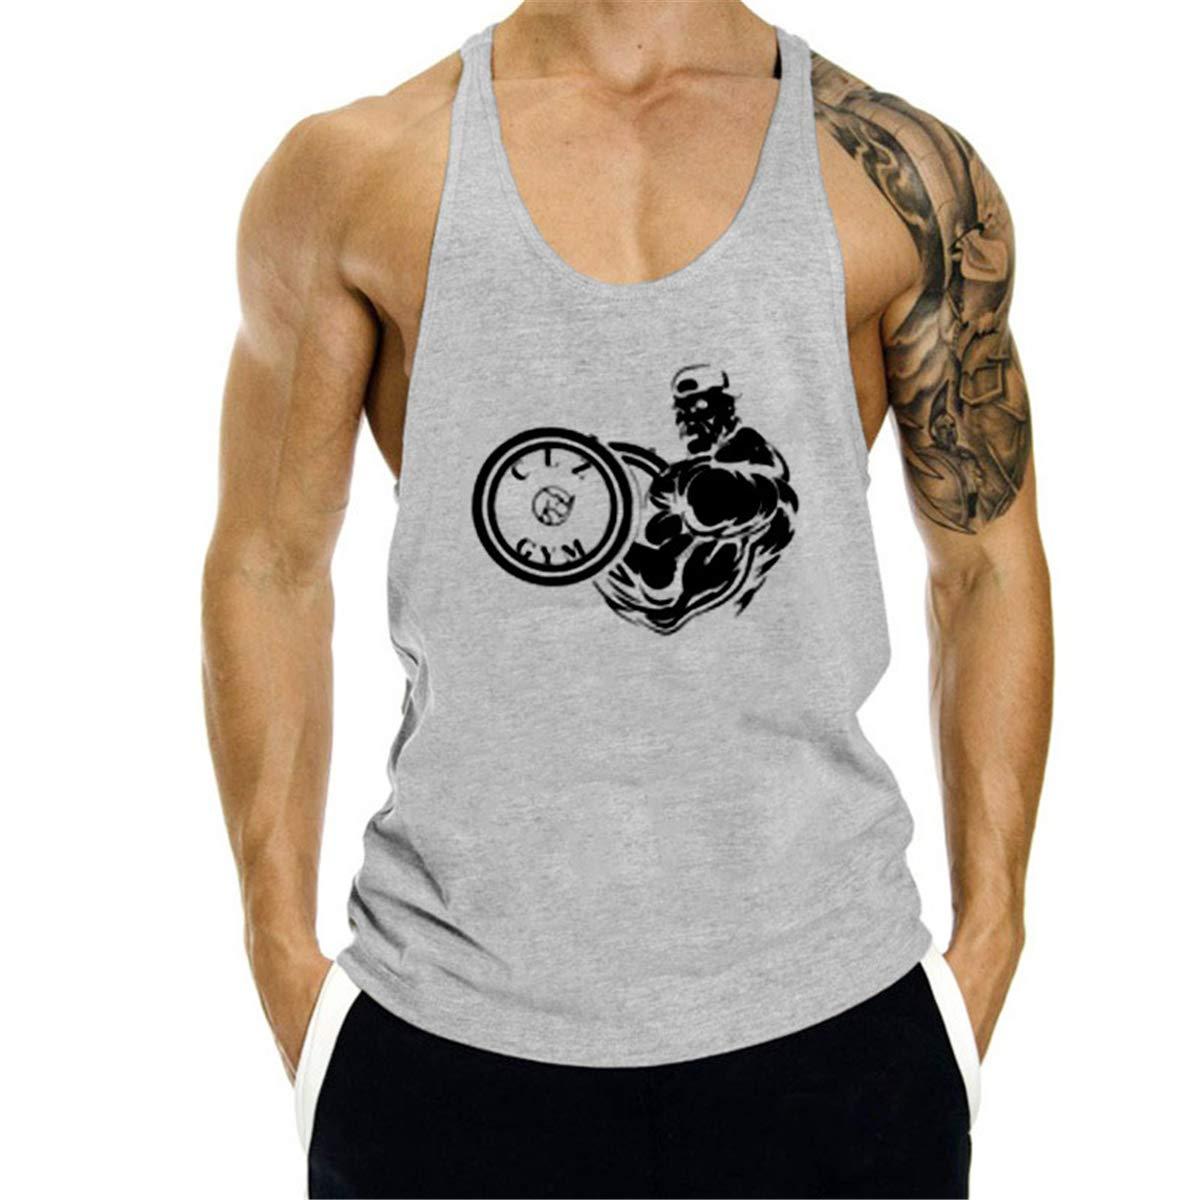 Cabeen Uomo Sportivo Canottiera Tank Top smanicata da palestra Bodybuilding, cotone